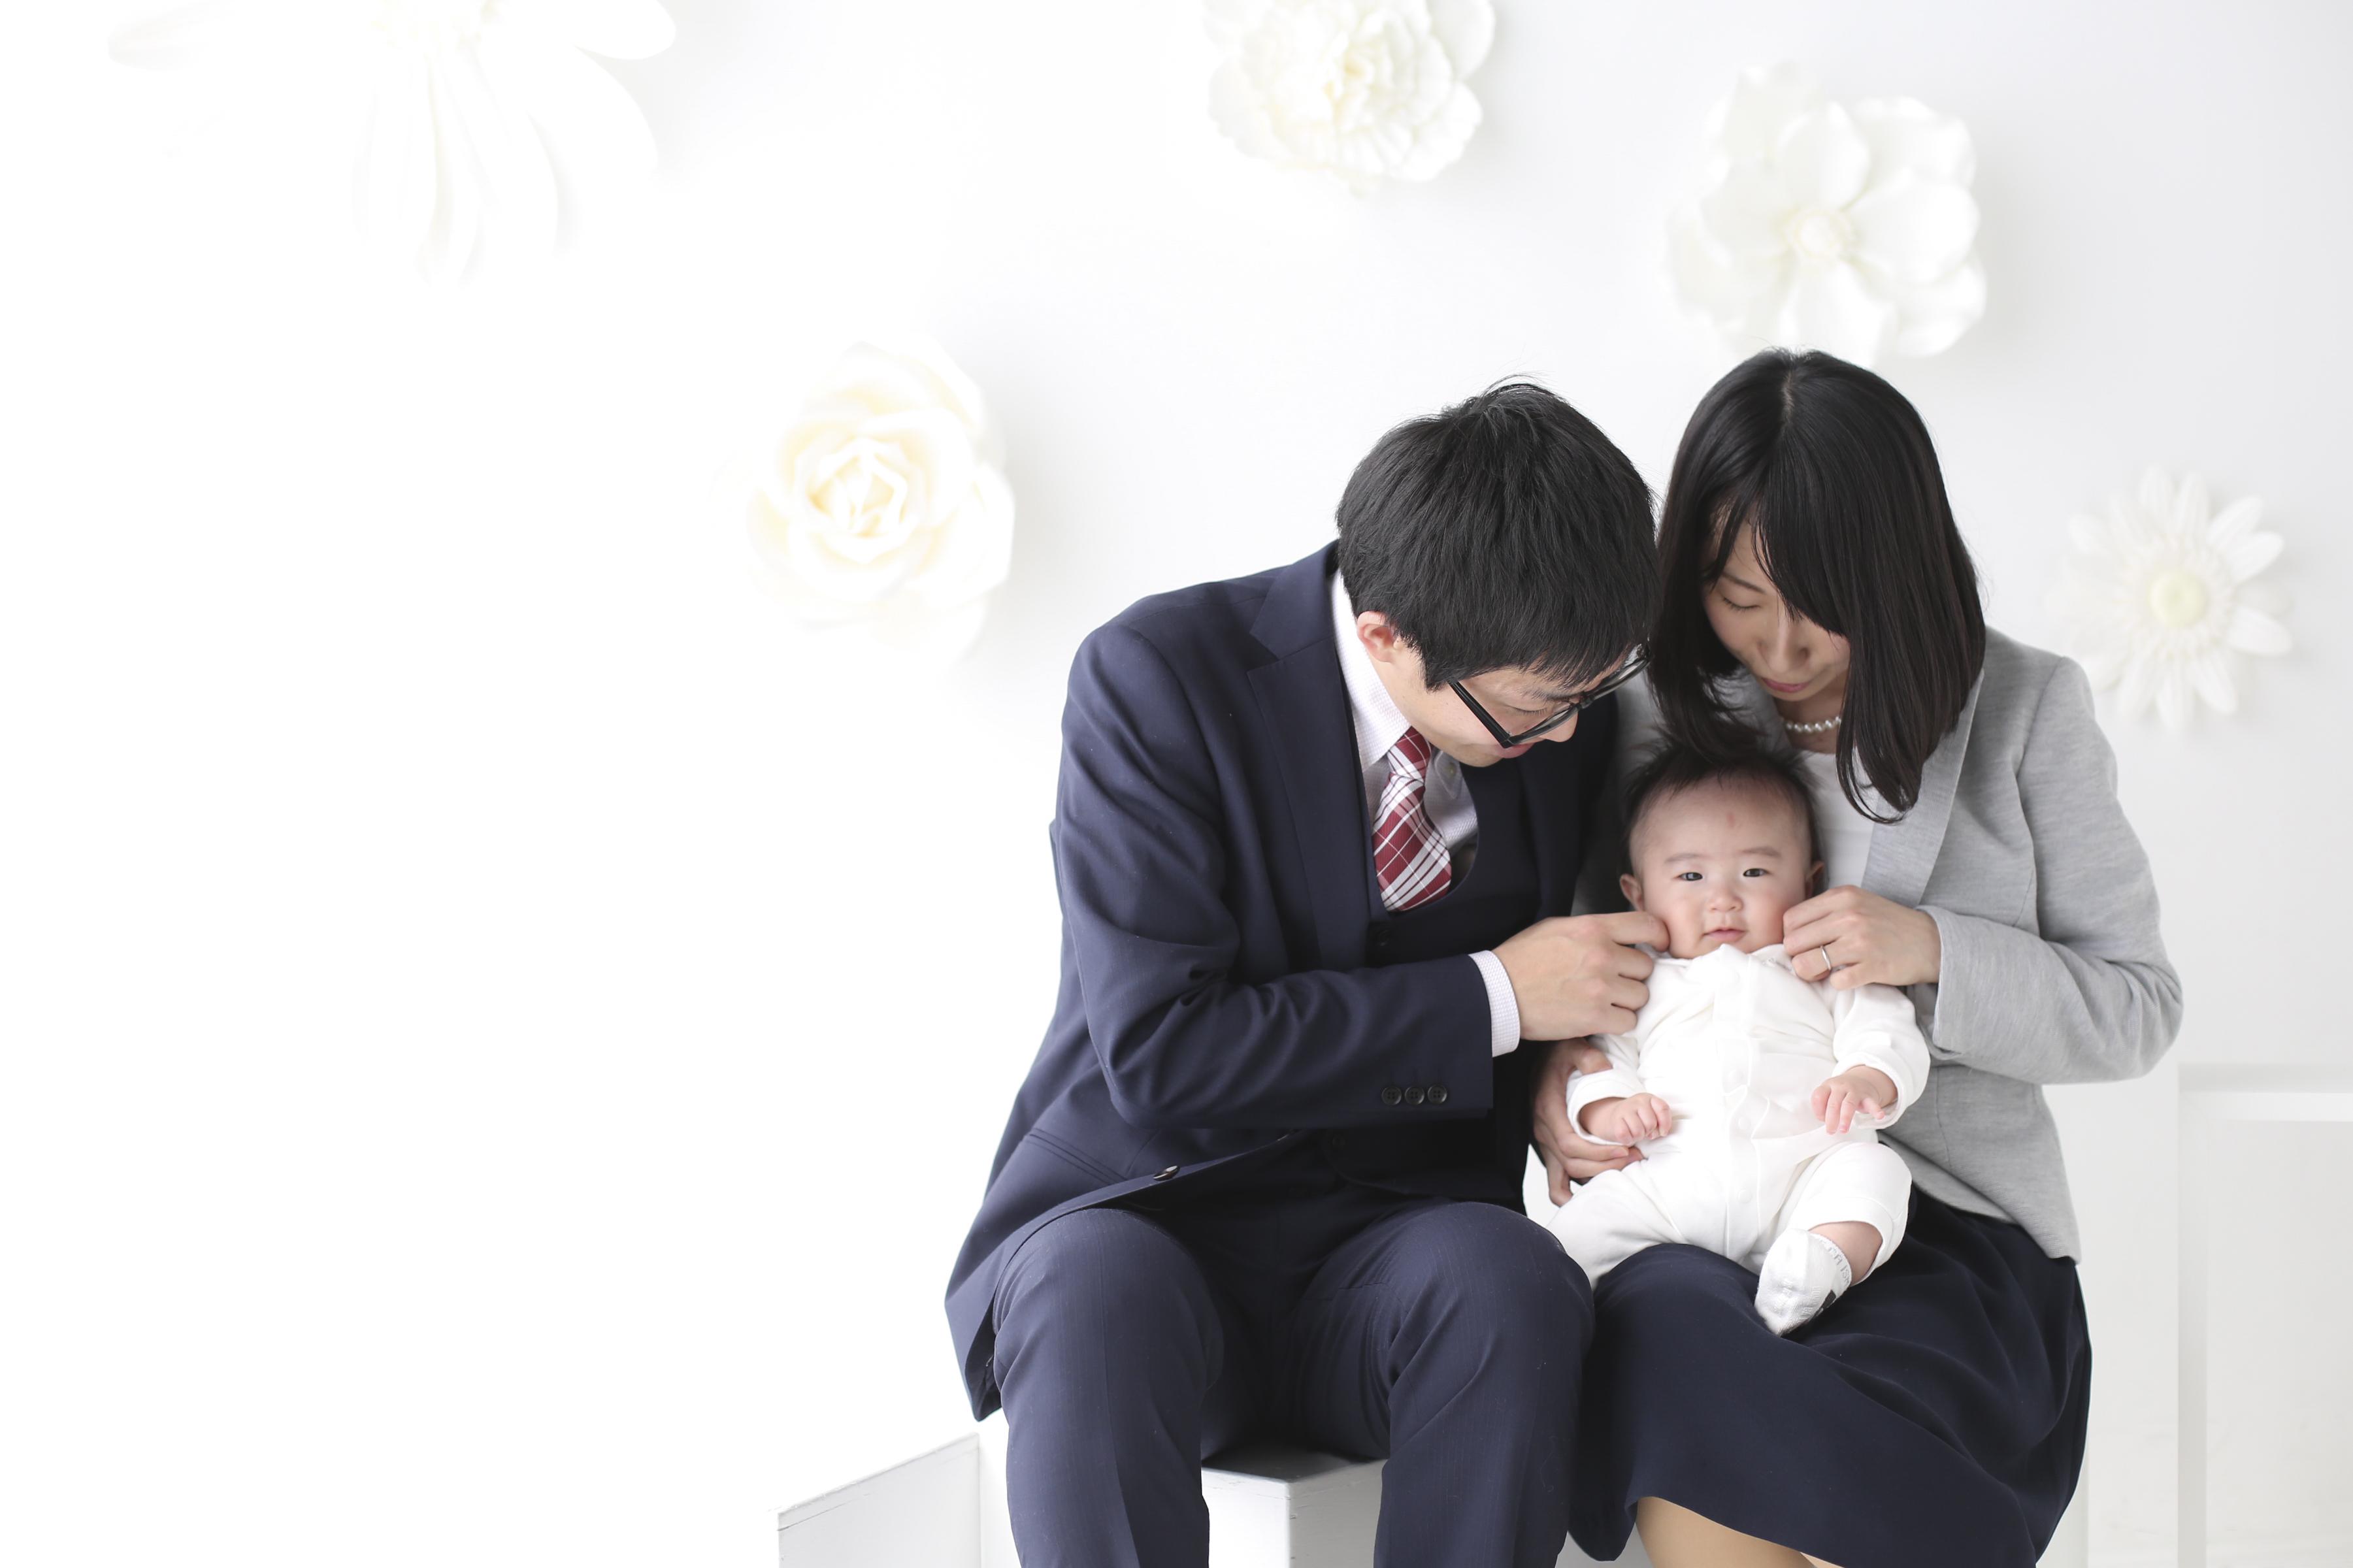 オシャレな家族写真